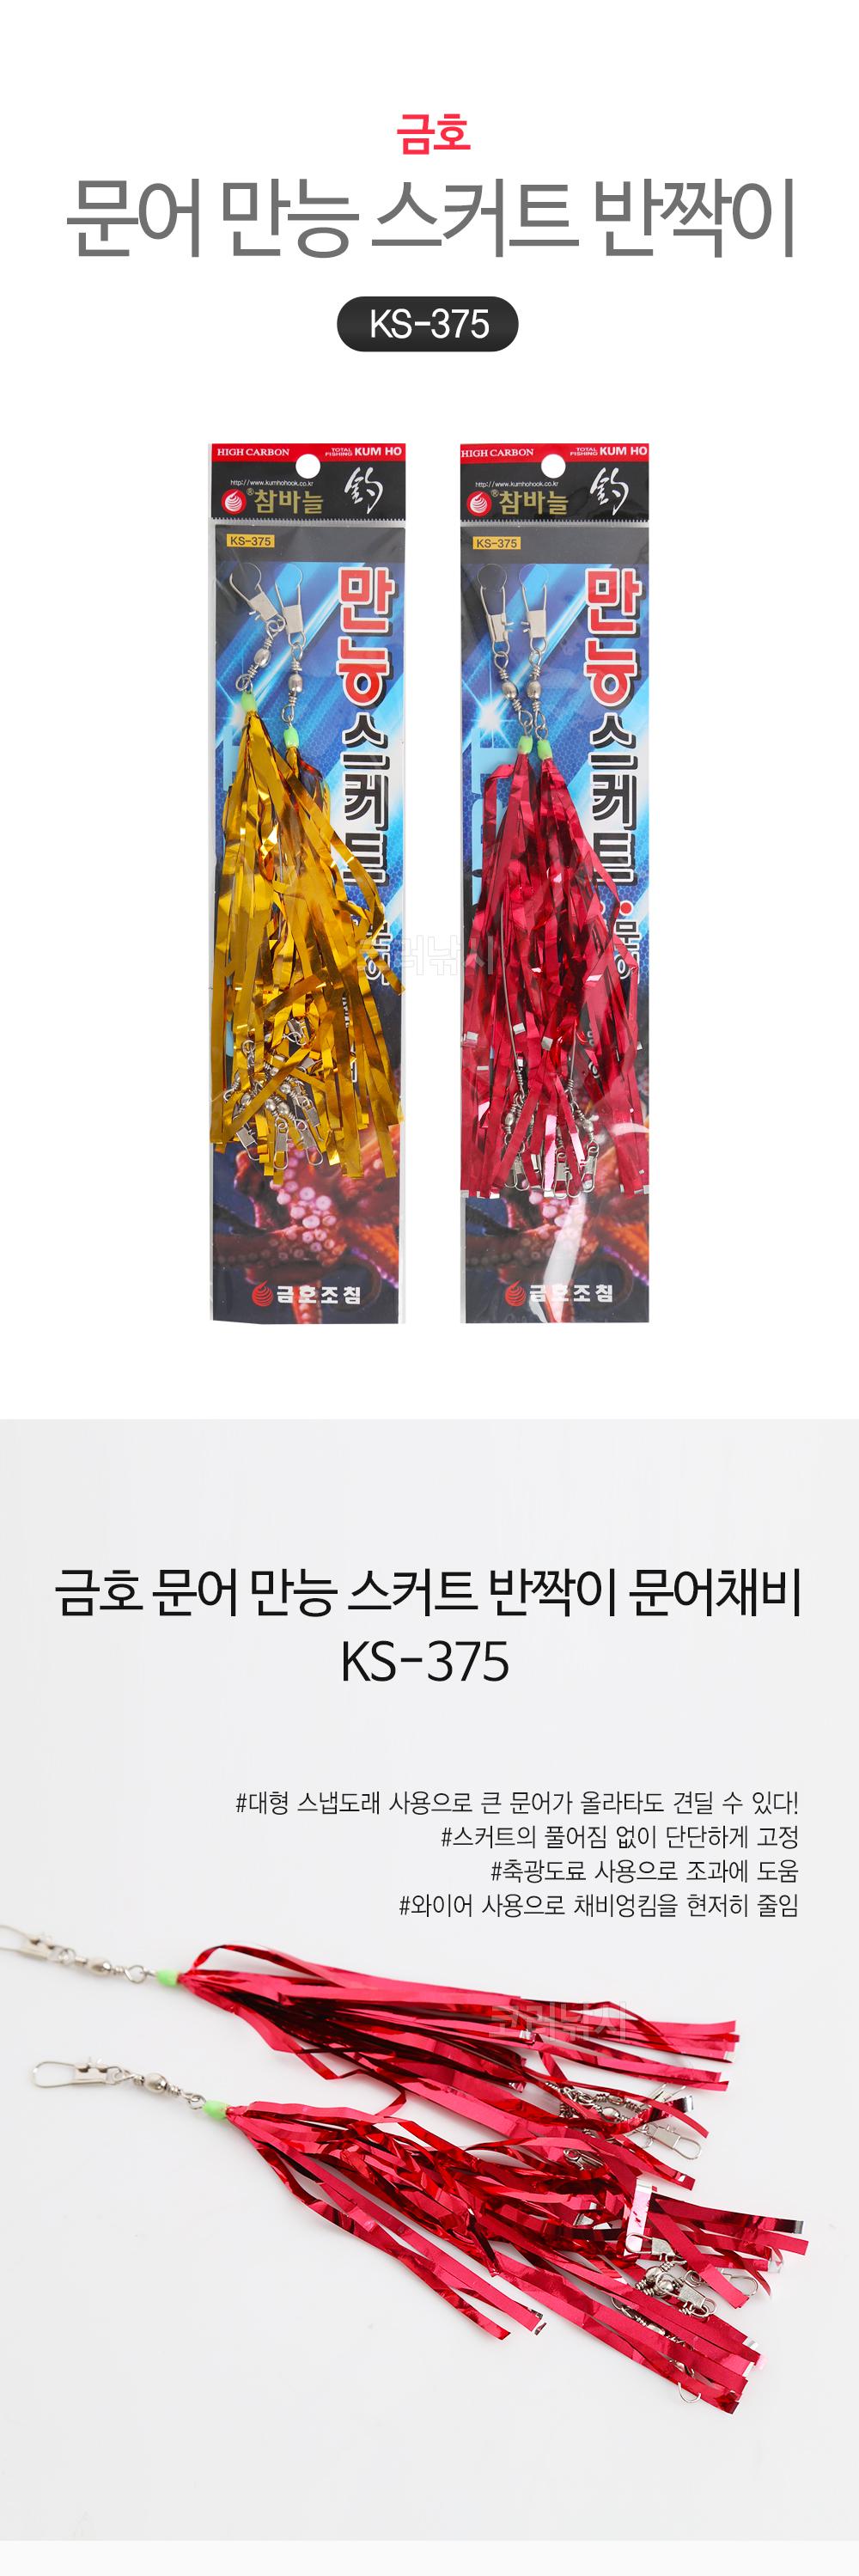 금호 문어 만능 스커트 반짝이 문어채비 생미끼겸용 KS-375 문어낚시 타코 문어채비 문어스커트 스커트채비